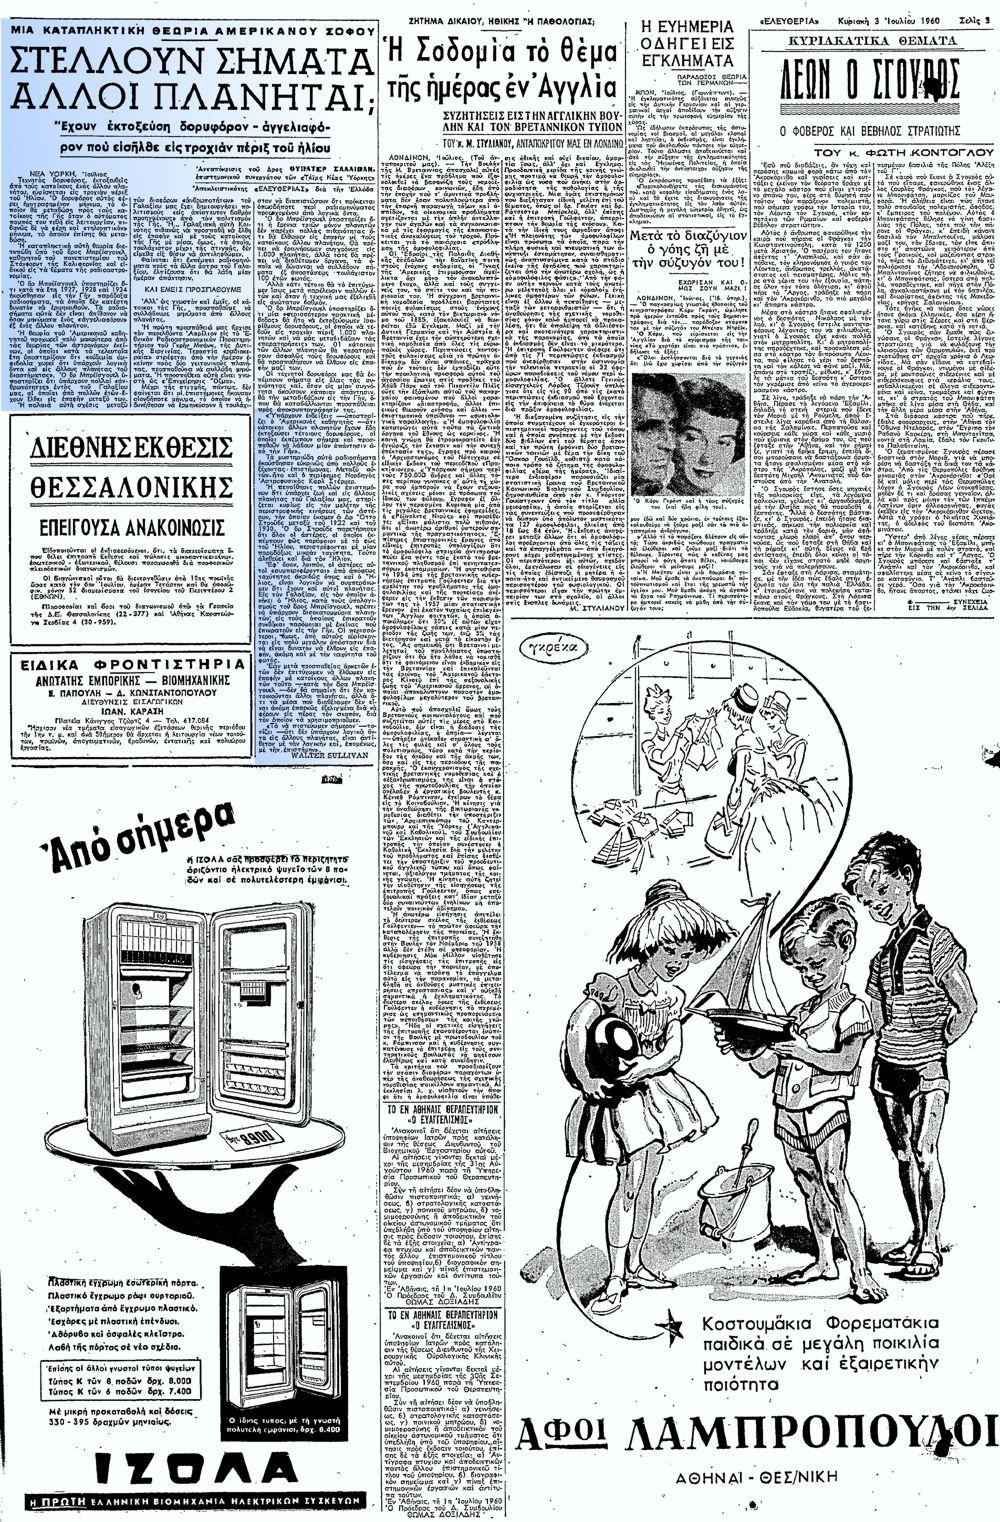 """Το άρθρο, όπως δημοσιεύθηκε στην εφημερίδα """"ΕΛΕΥΘΕΡΙΑ"""", στις 03/07/1960"""